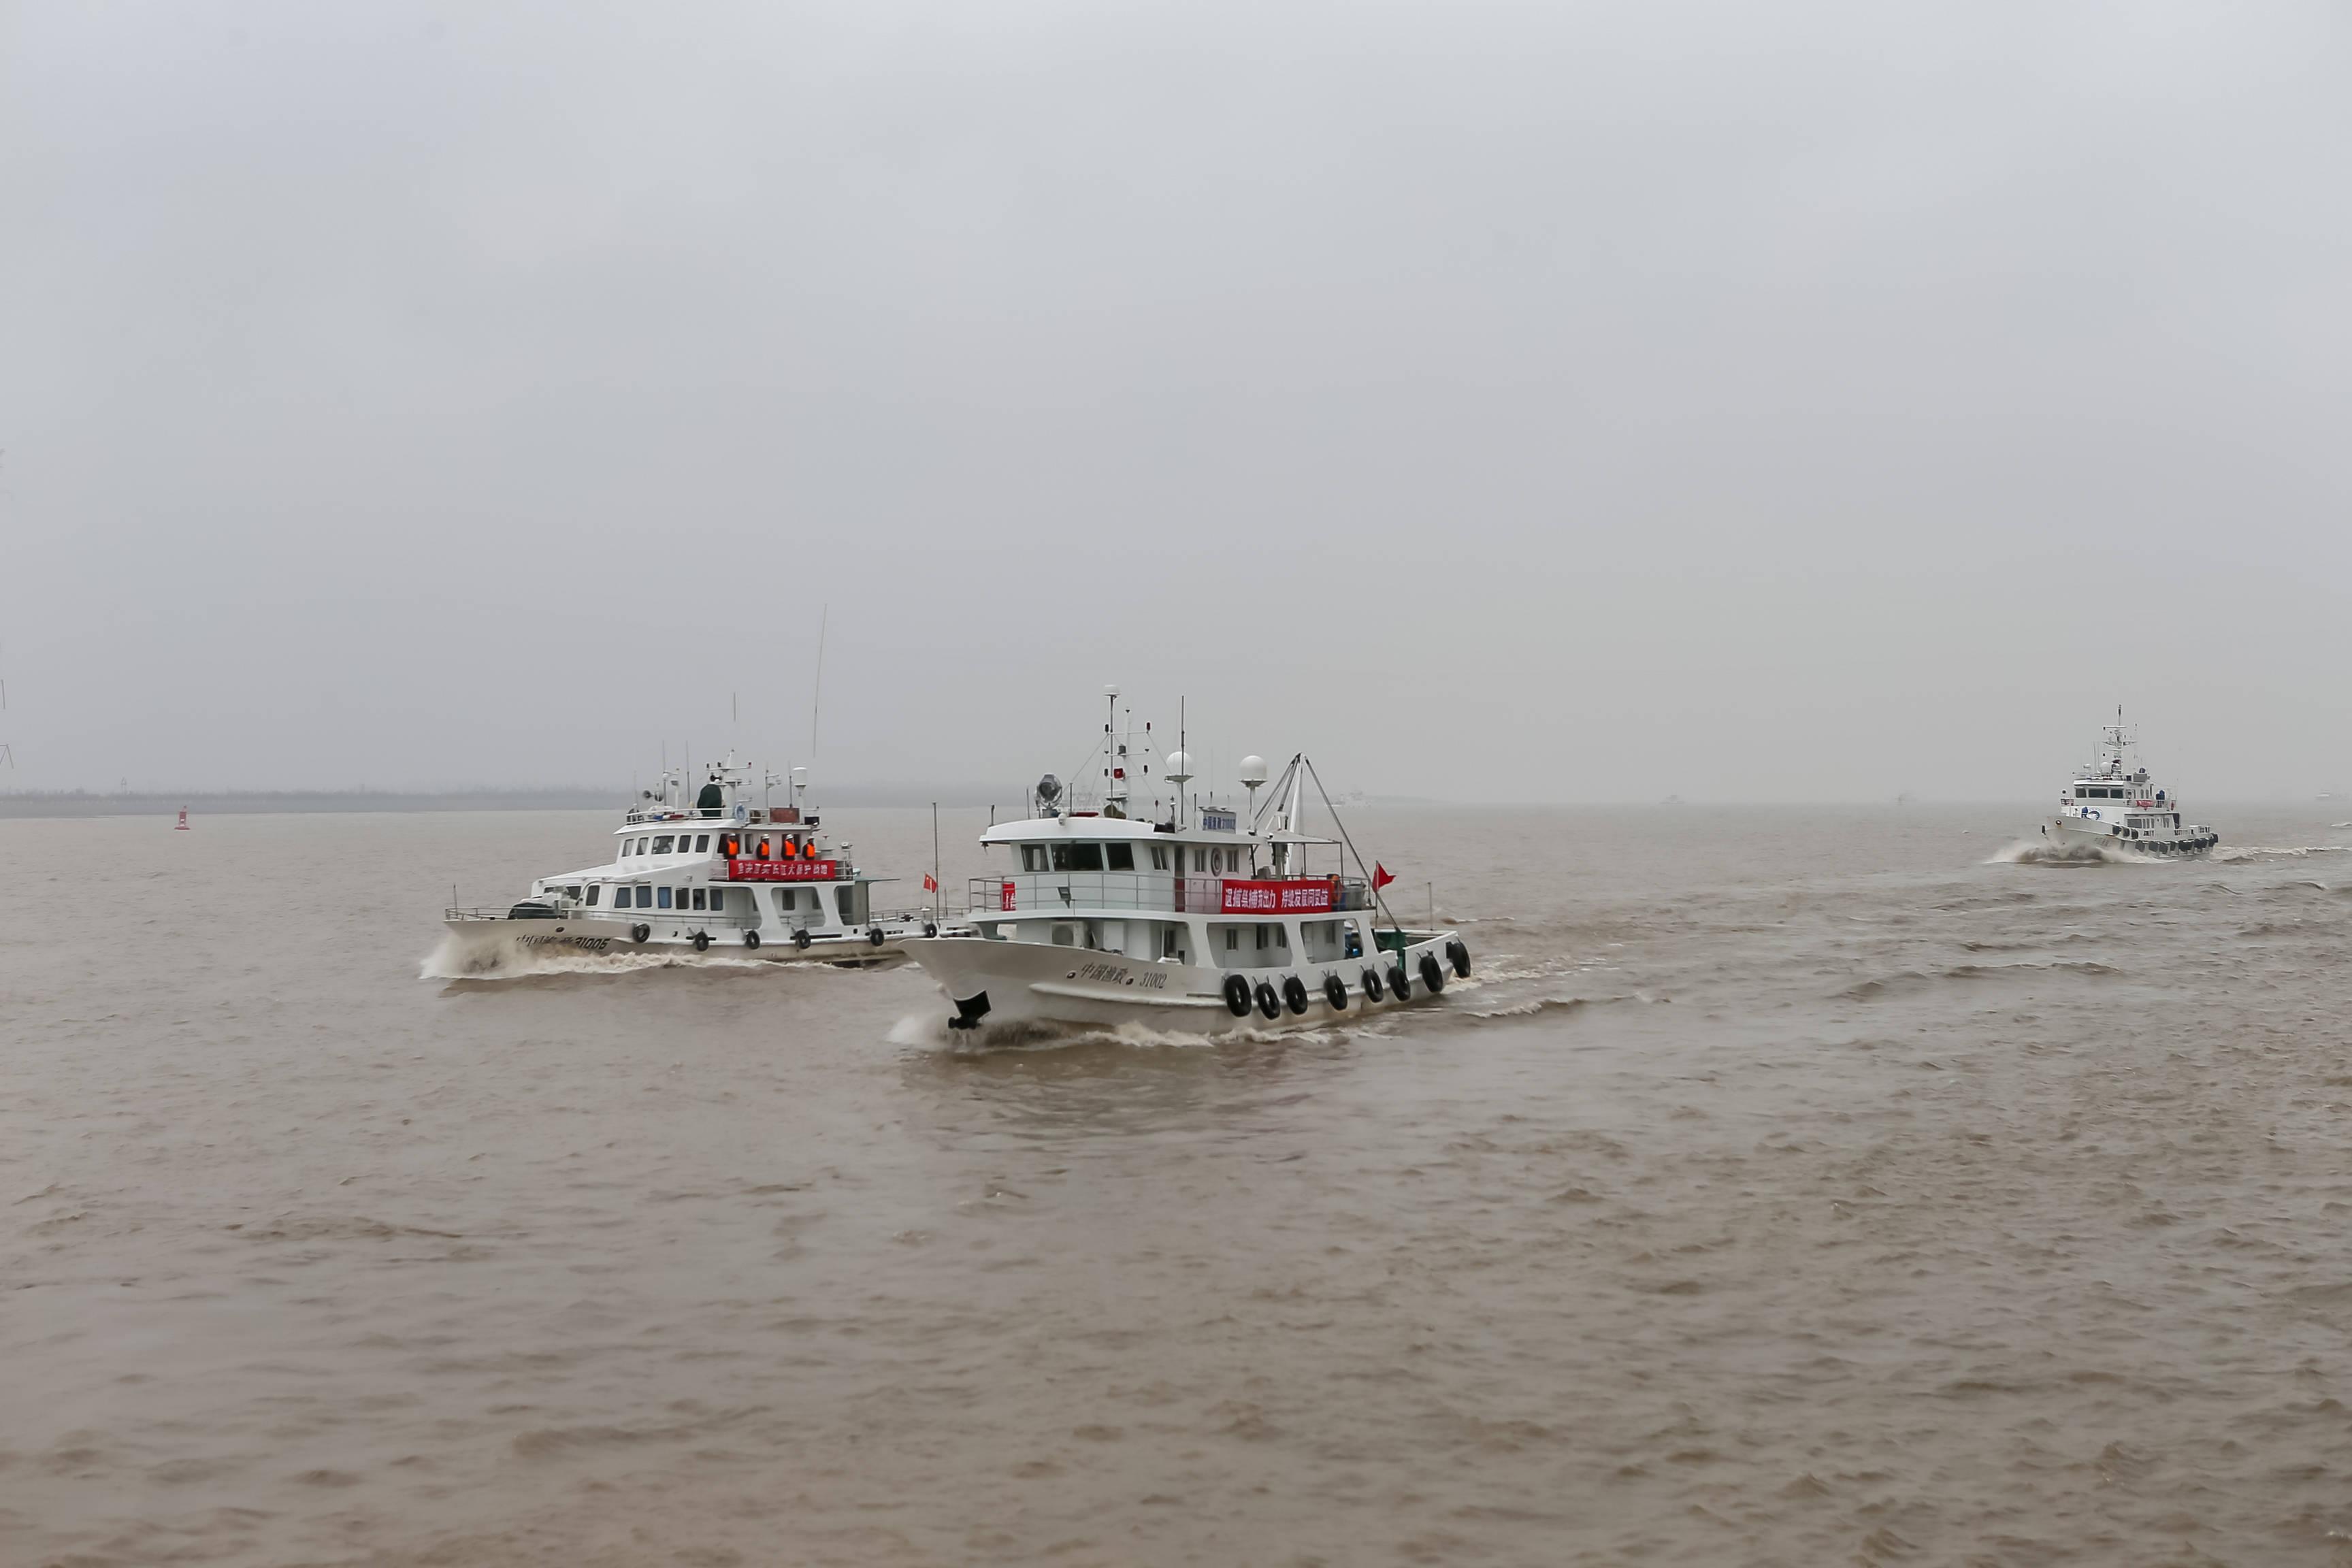 长江口禁捕力度加强 农业农村部启动专项整治行动